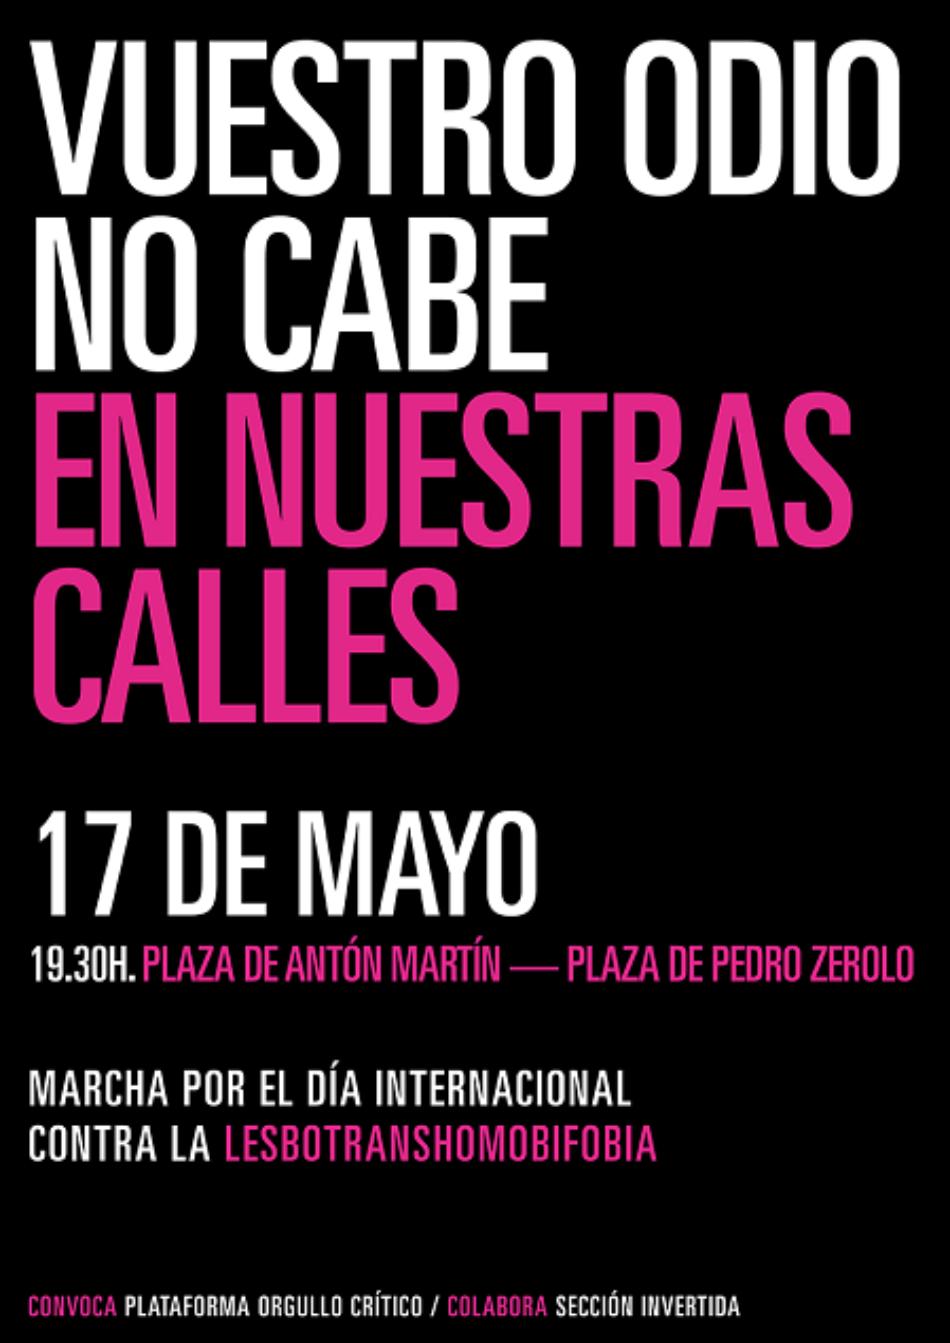 Marcha por el Día Internacional contra la Lesbotranshomobifobia: «Vuestro odio NO cabe en nuestras calles»